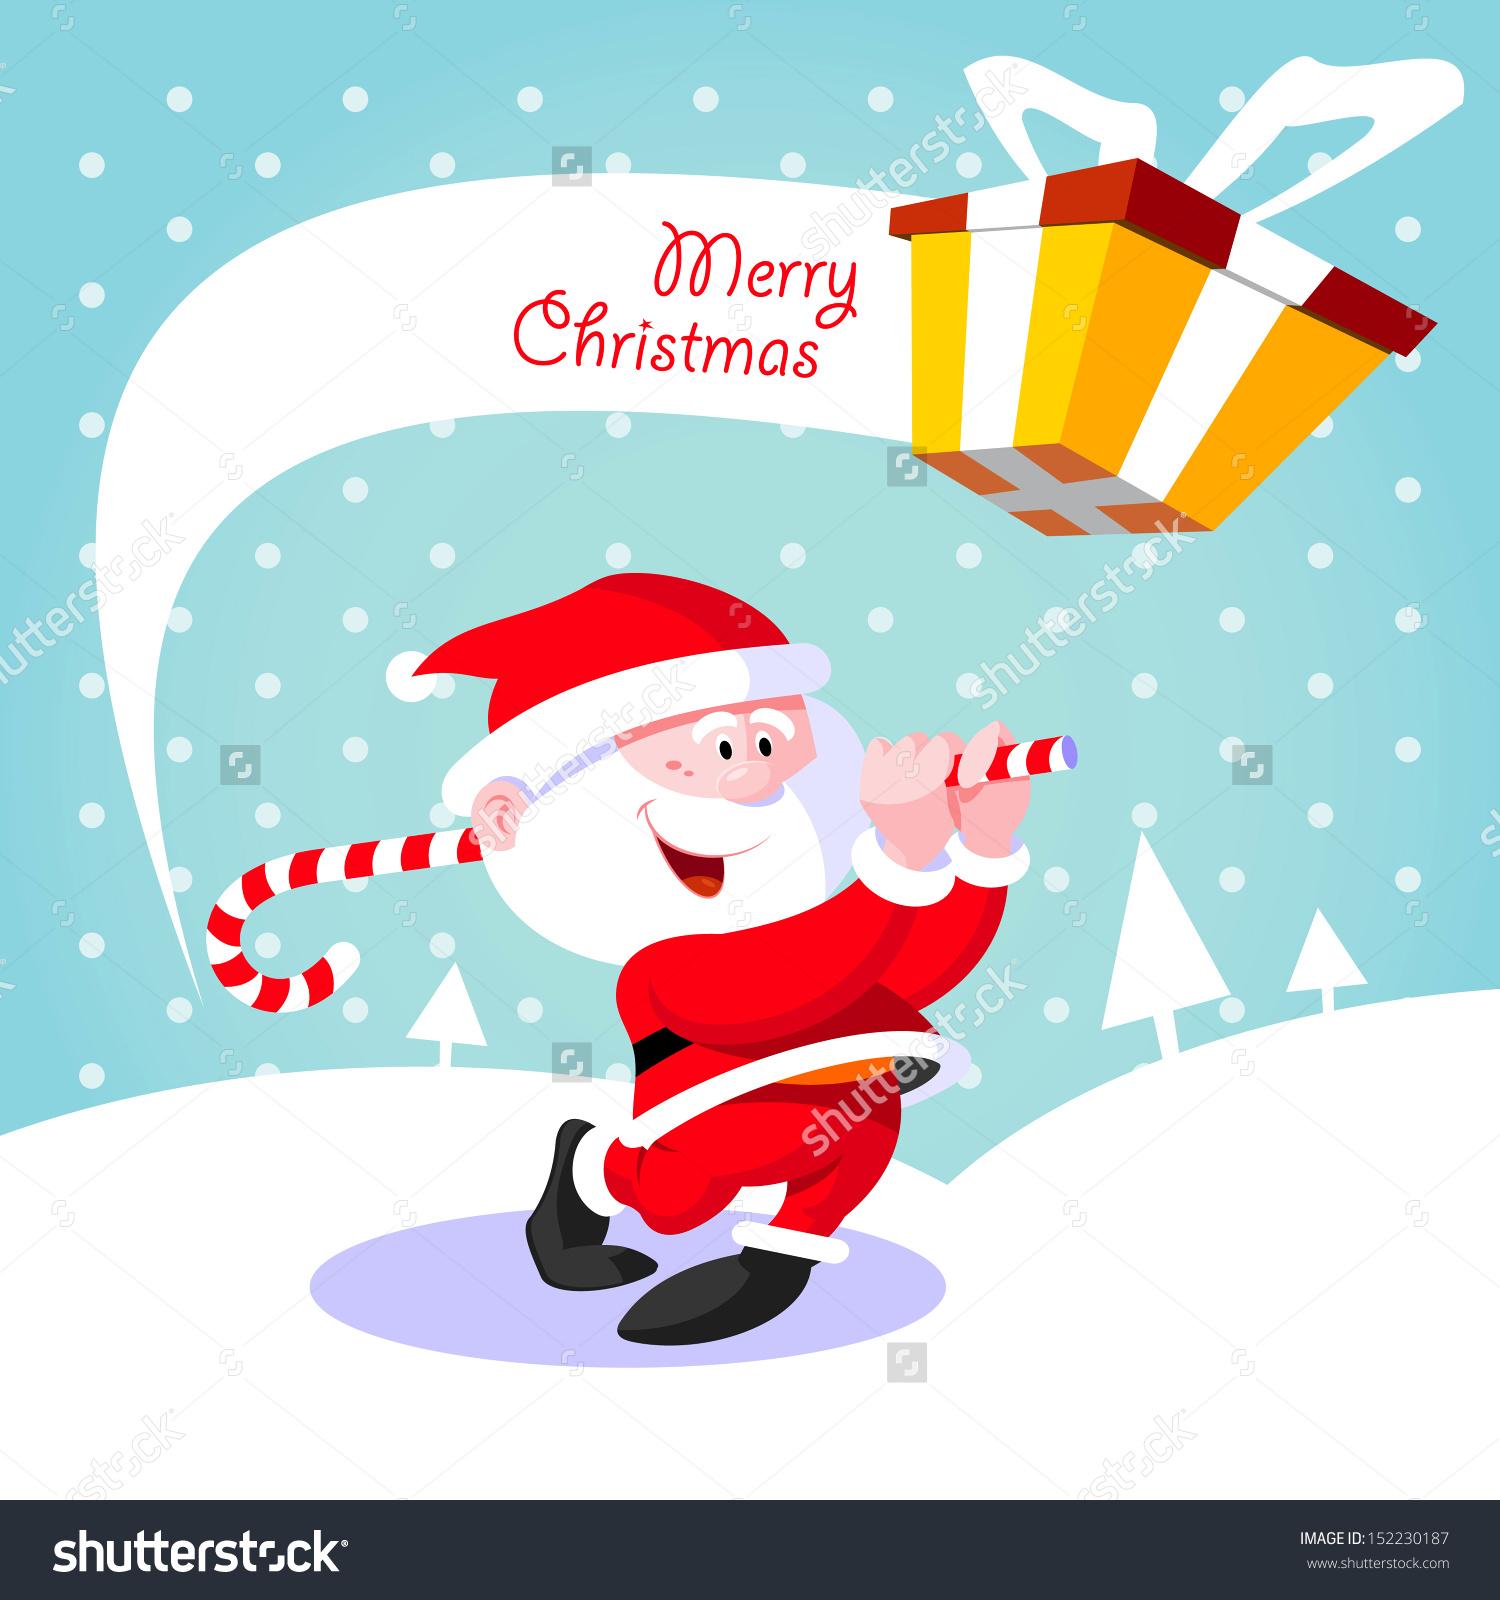 Happy Santa Claus. Creative Christmas Card. Santa Claus Golfer.